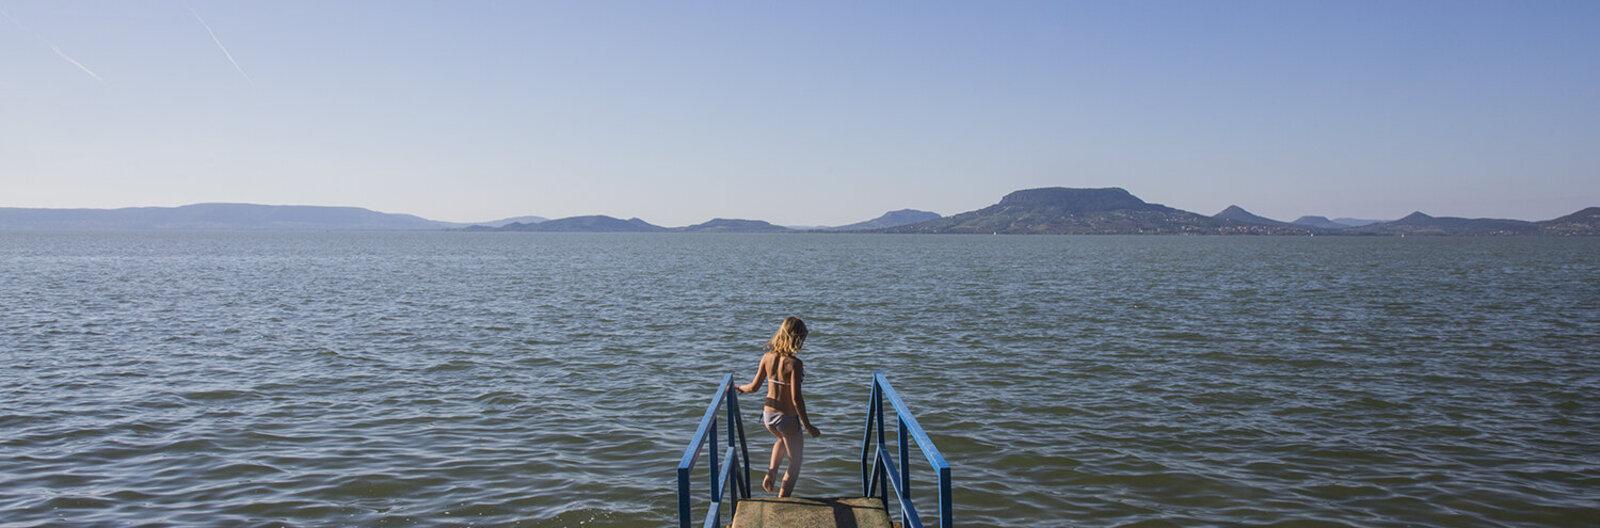 10 unique beaches around Lake Balaton